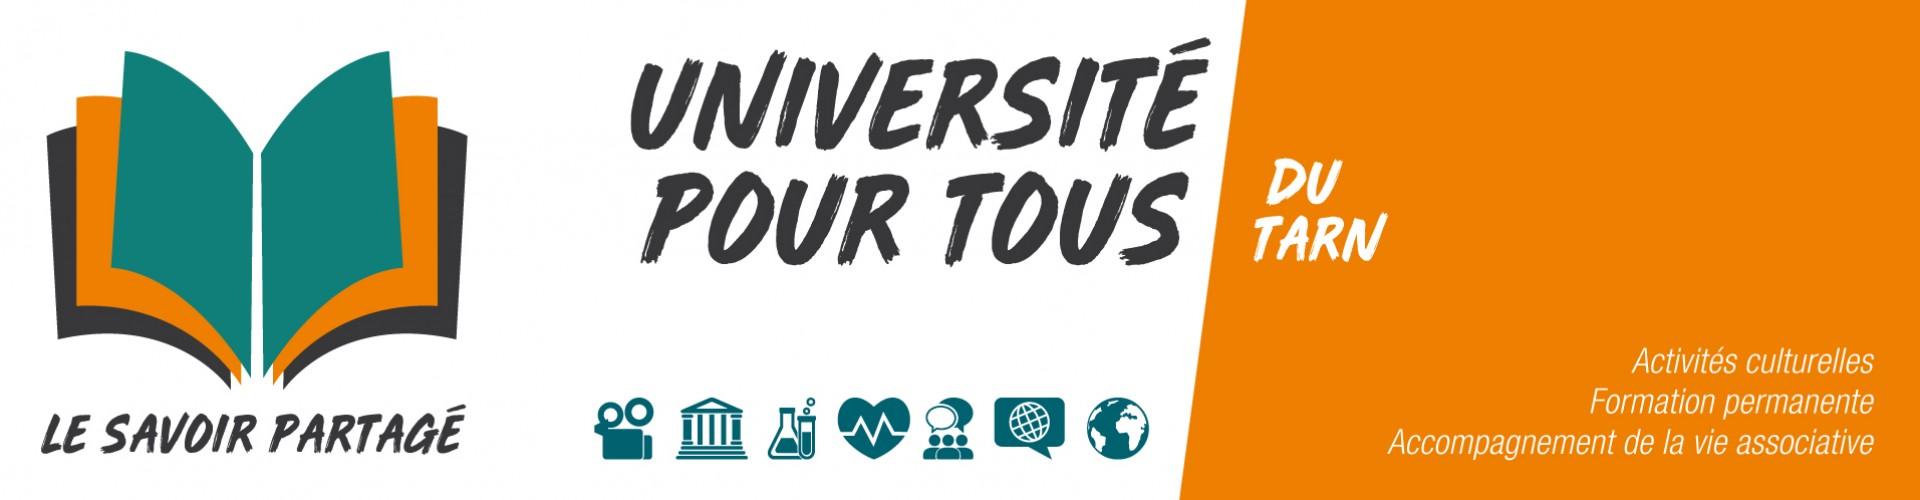 Activités culturelles, formation permanente, accompagnement de la vie associative - Castres Tarn Sud http://albi.universitepopulaire.fr/  05 63 50 12 99 Read more at http://etrebienchezsoi.e-monsite.com/pages/feng-shui/contacts.html#0A4it4XiCm0P3U1H.99